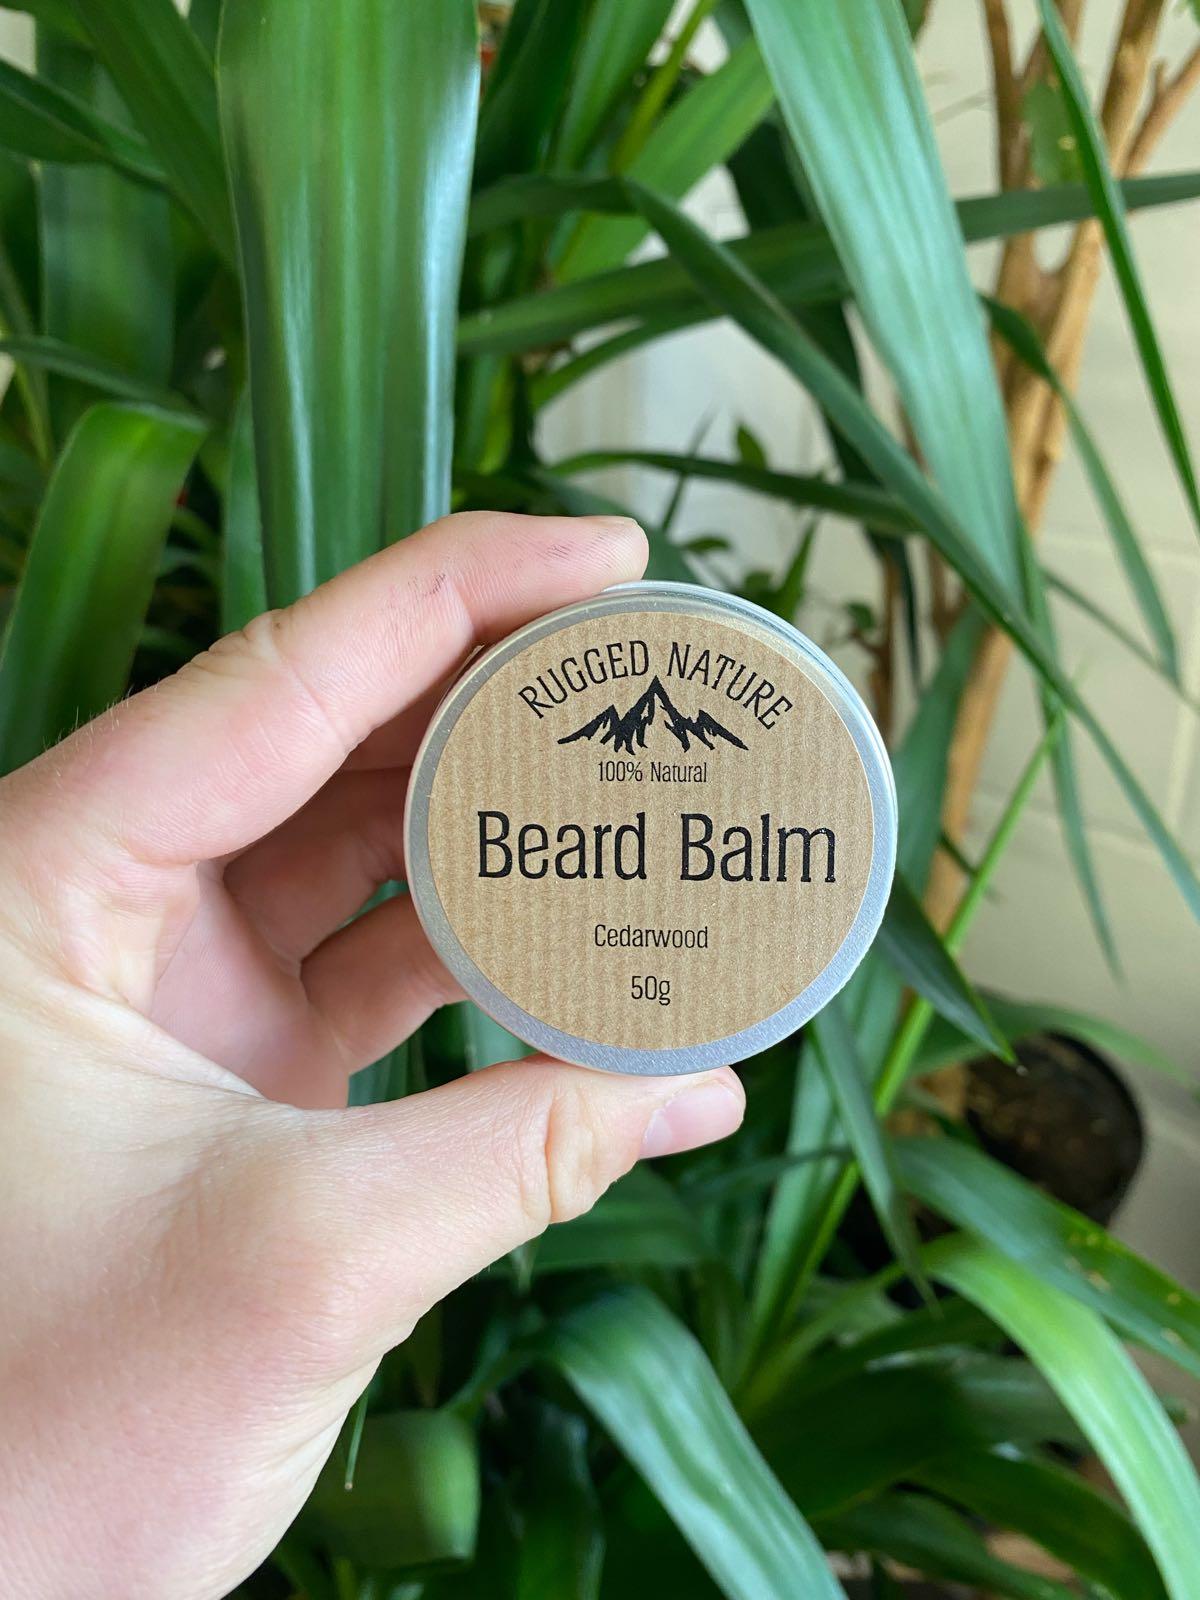 Beard Balm | Rugged Nature